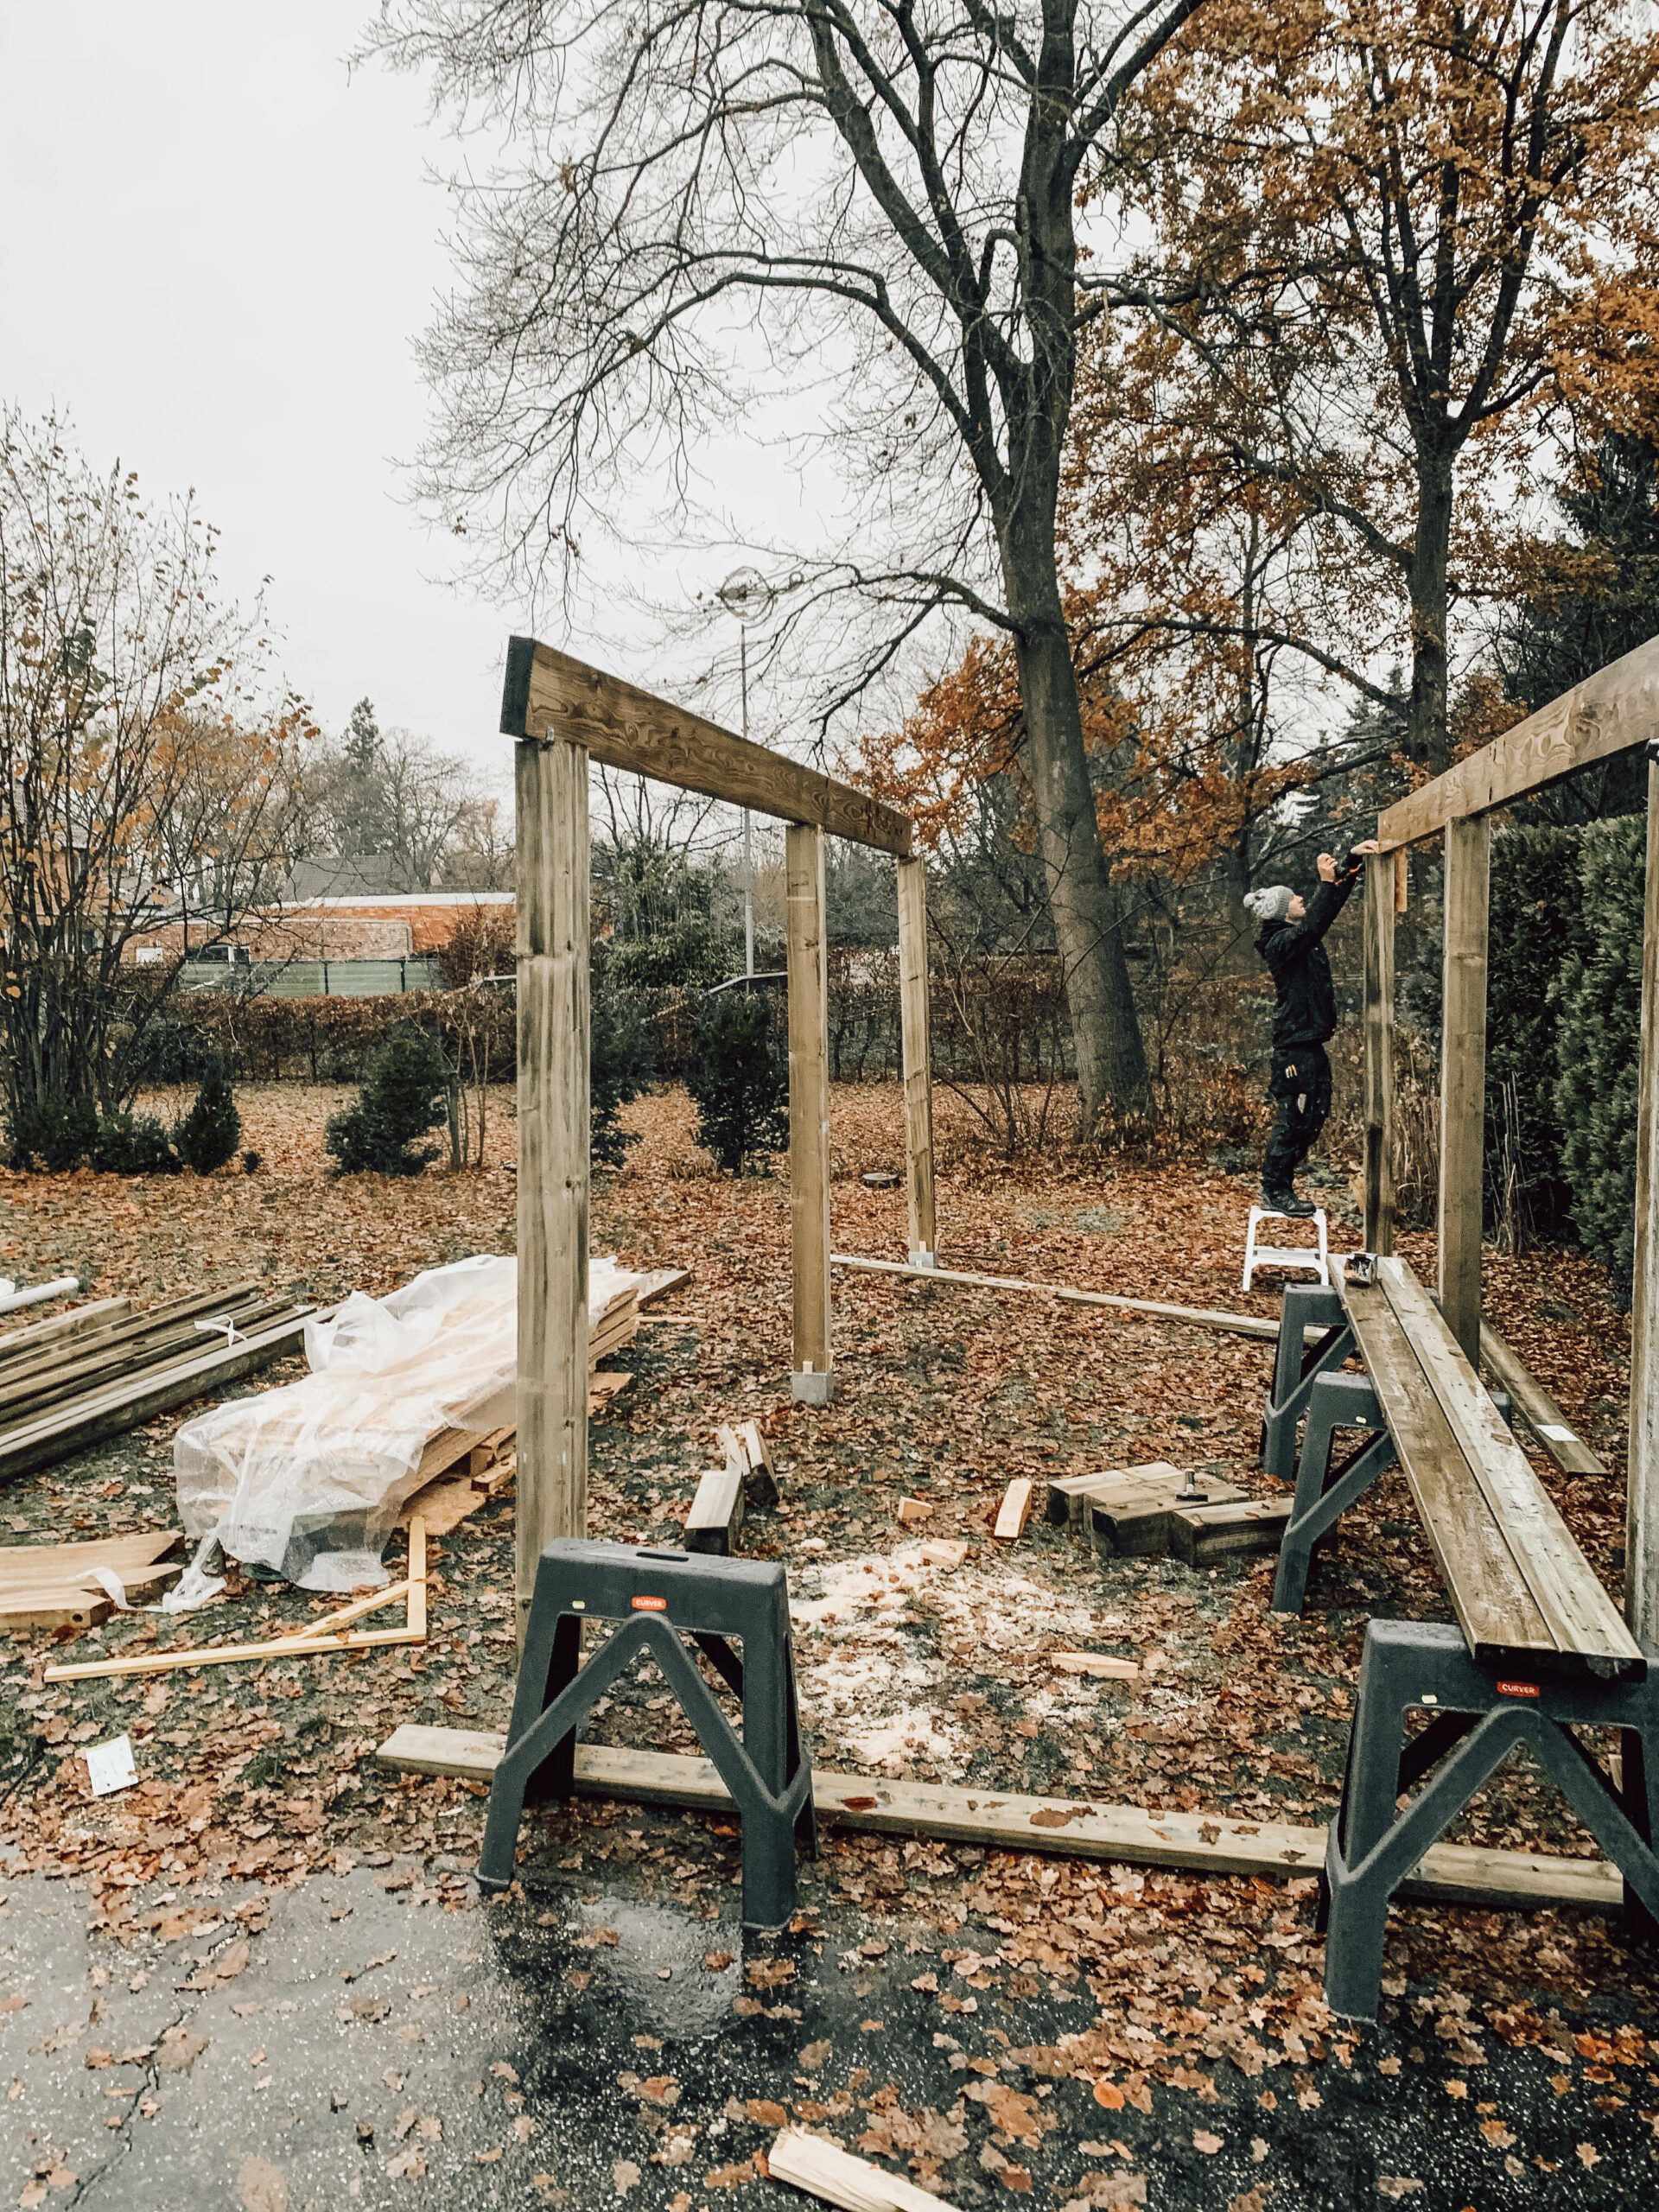 schrijnwerk_carport_hout_zonnepanelen_autostaanplaats_houtbewerking